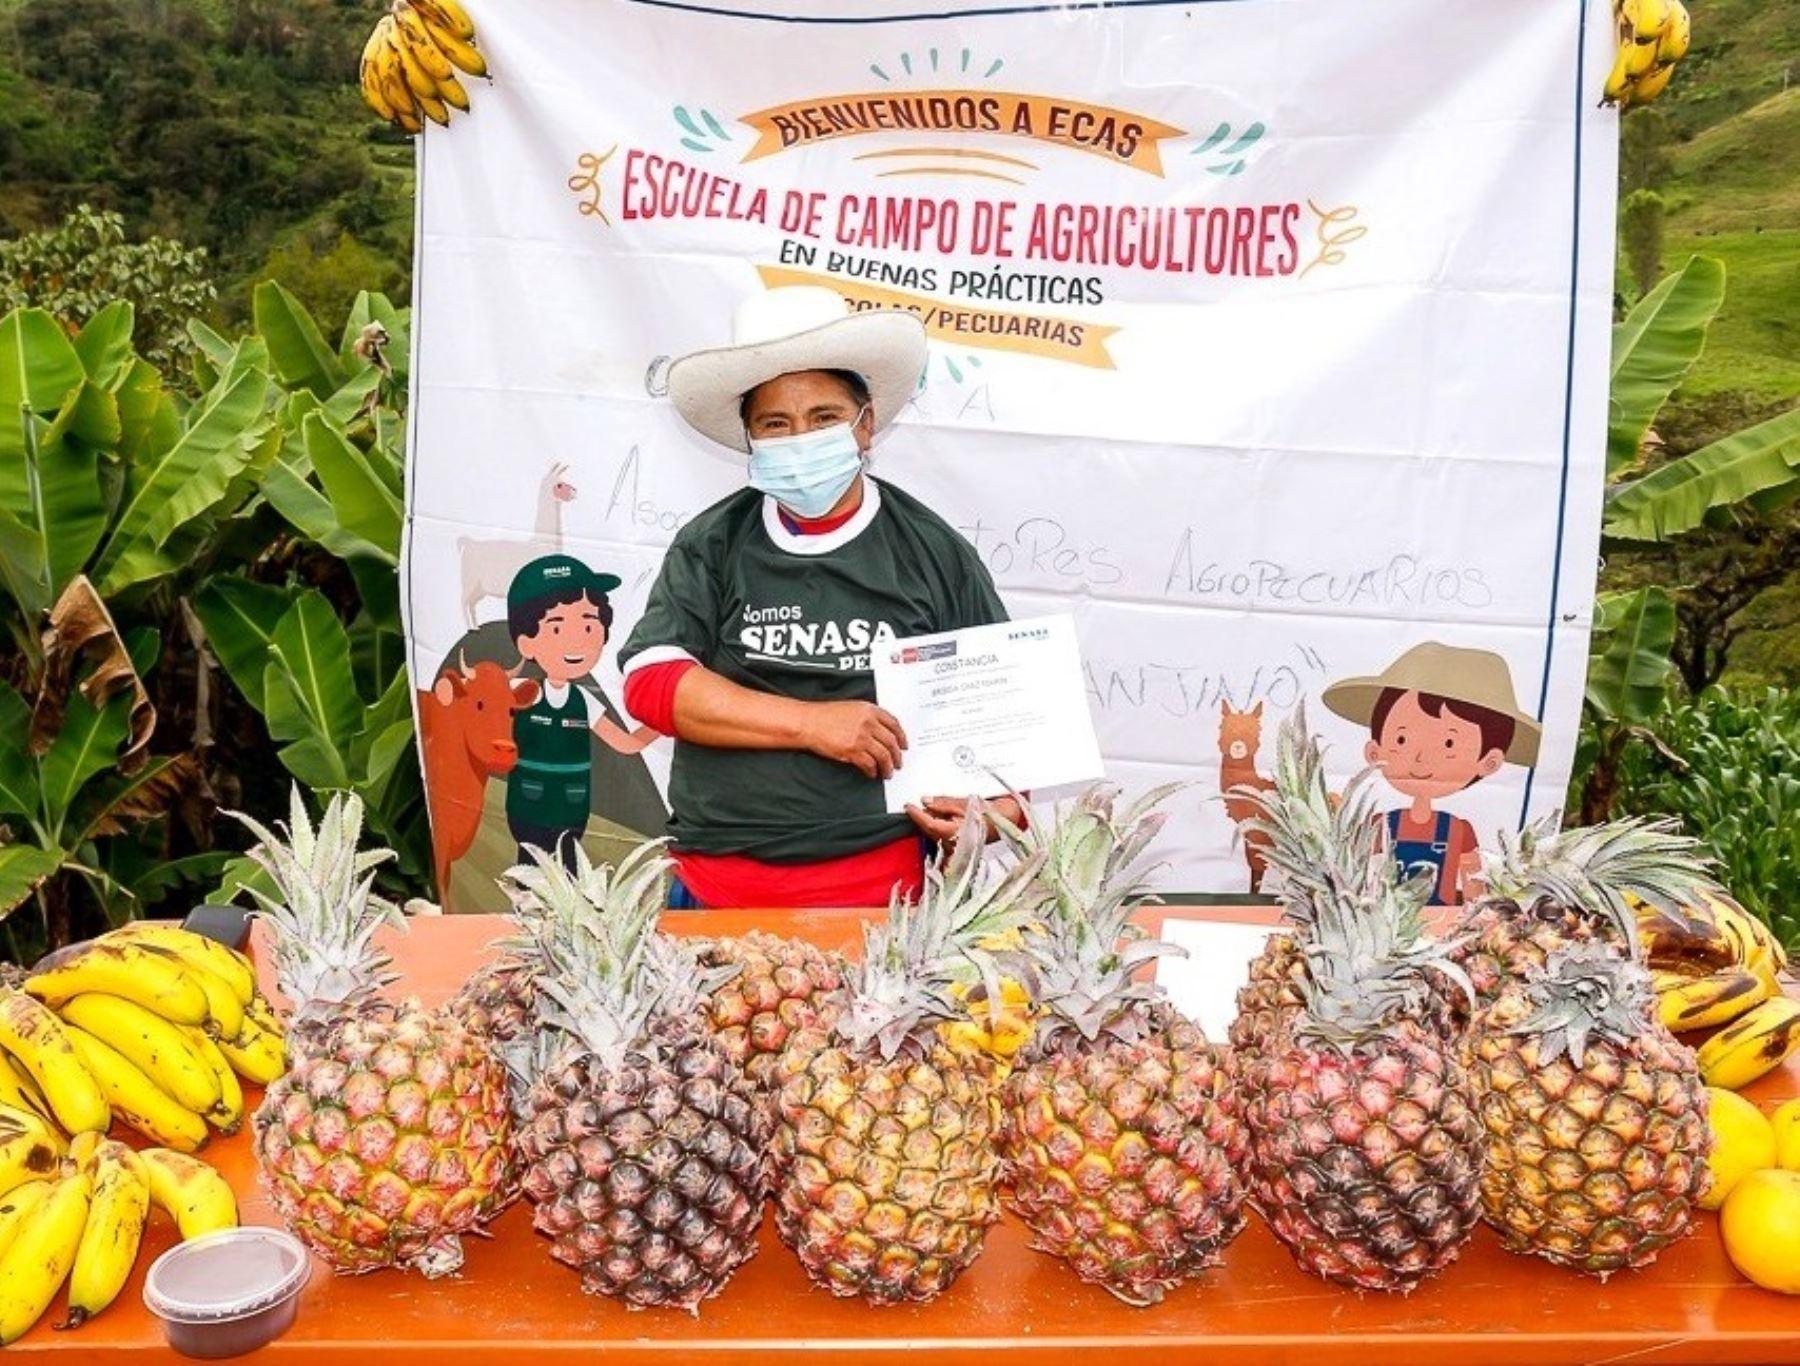 Senasa capacita a productores de Cajamarca en buenas prácticas agrícolas y pecuarias. ANDINA/Difusión